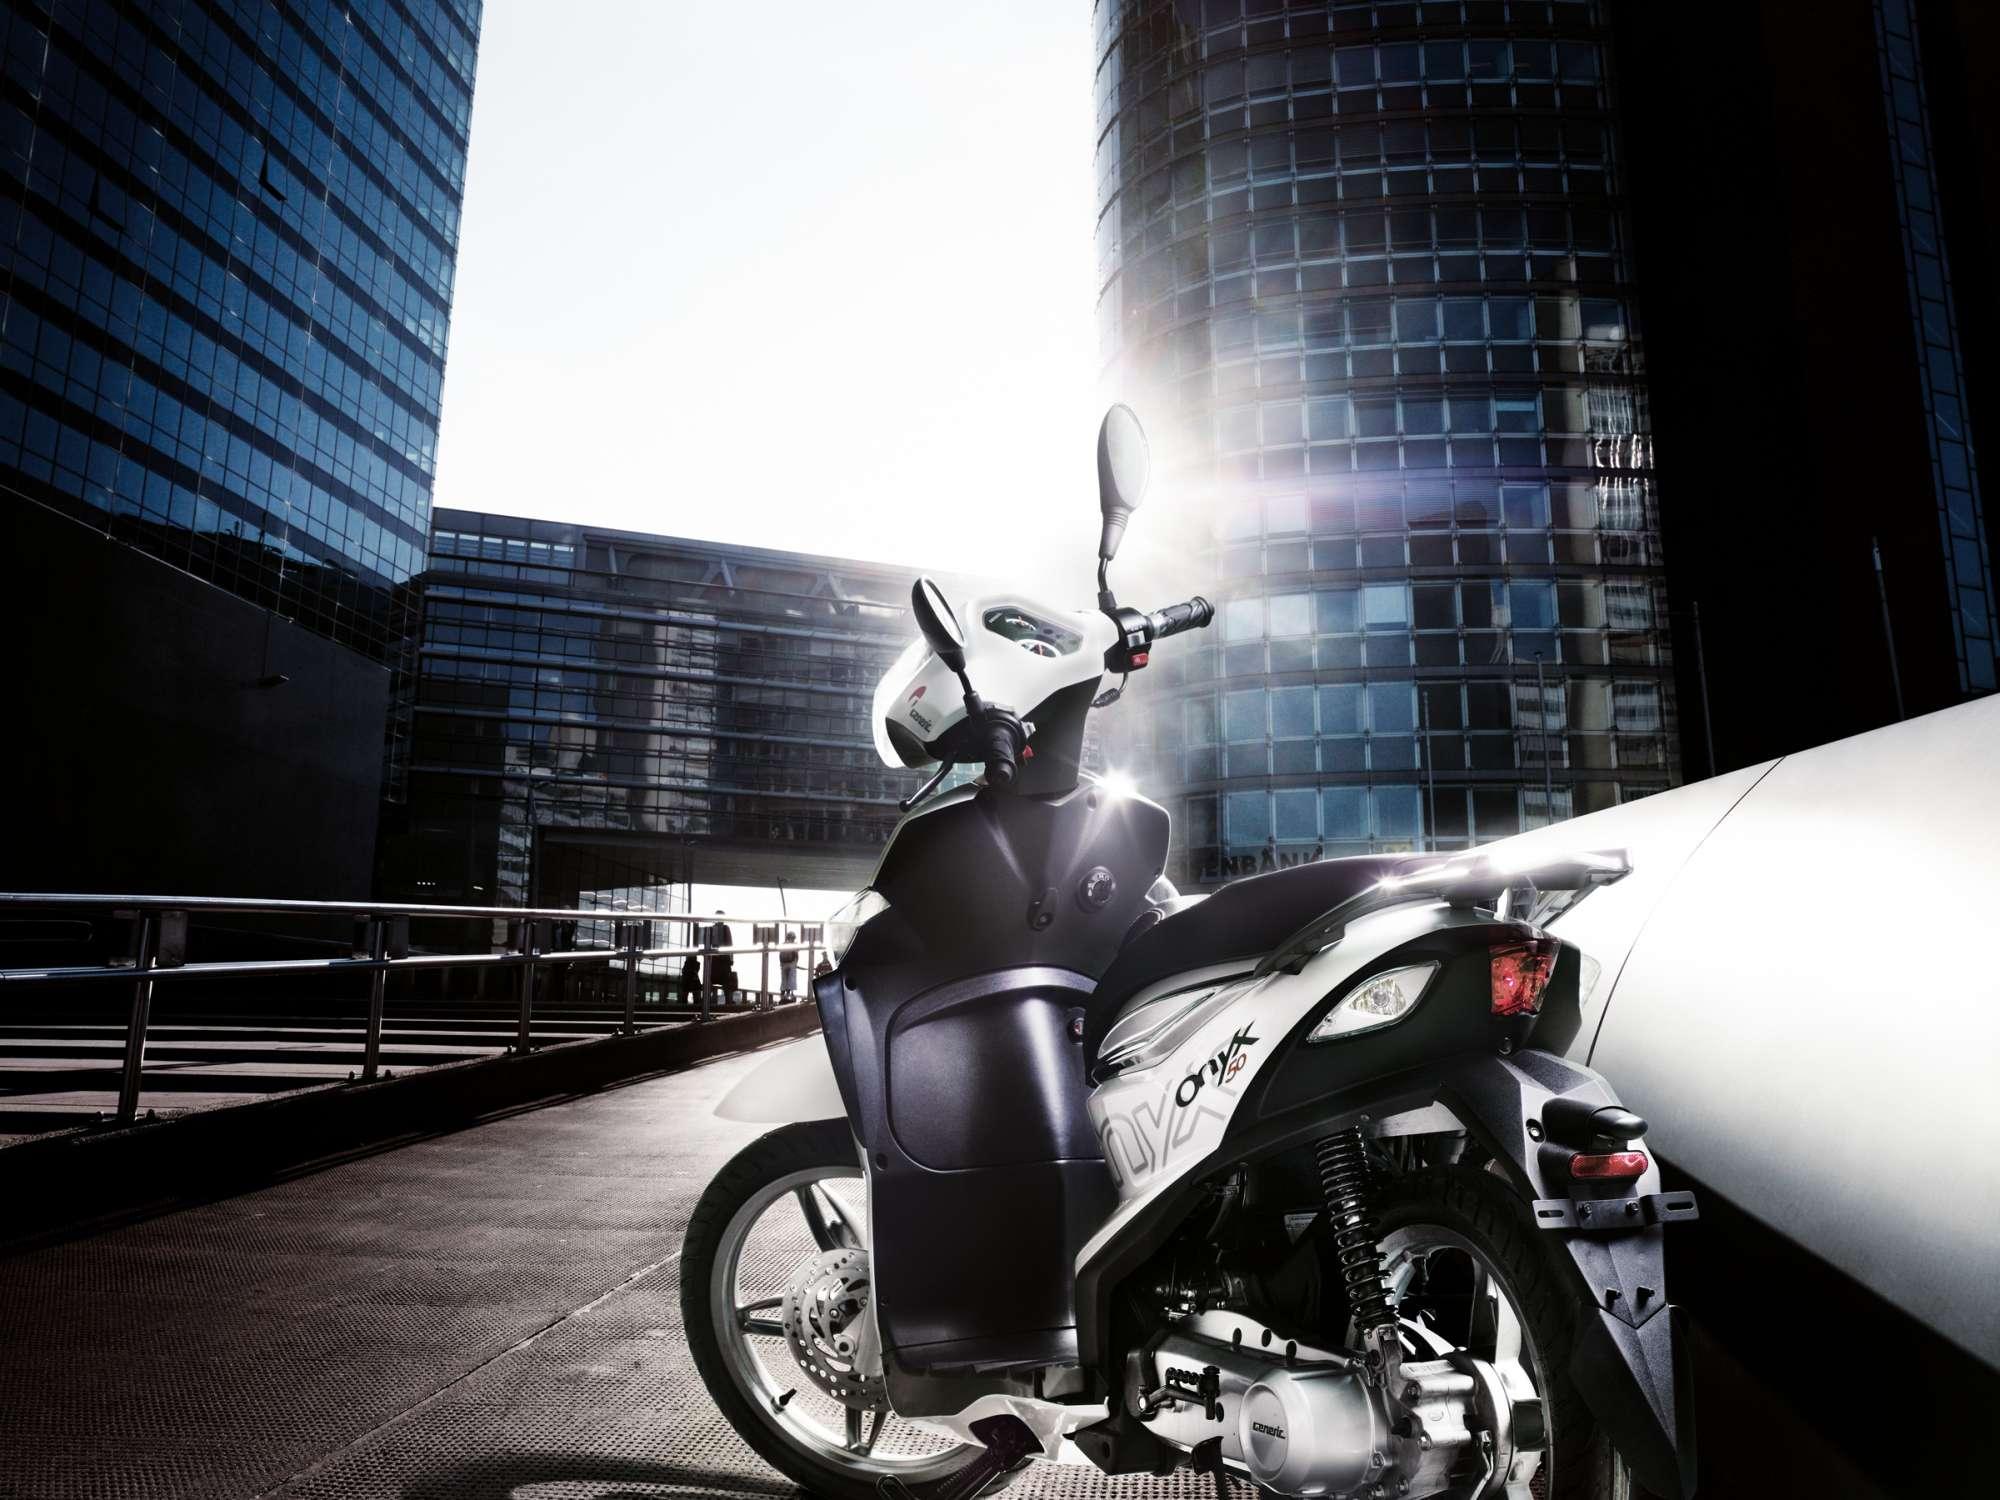 gebrauchte ksr moto onyx 50 motorr der kaufen. Black Bedroom Furniture Sets. Home Design Ideas